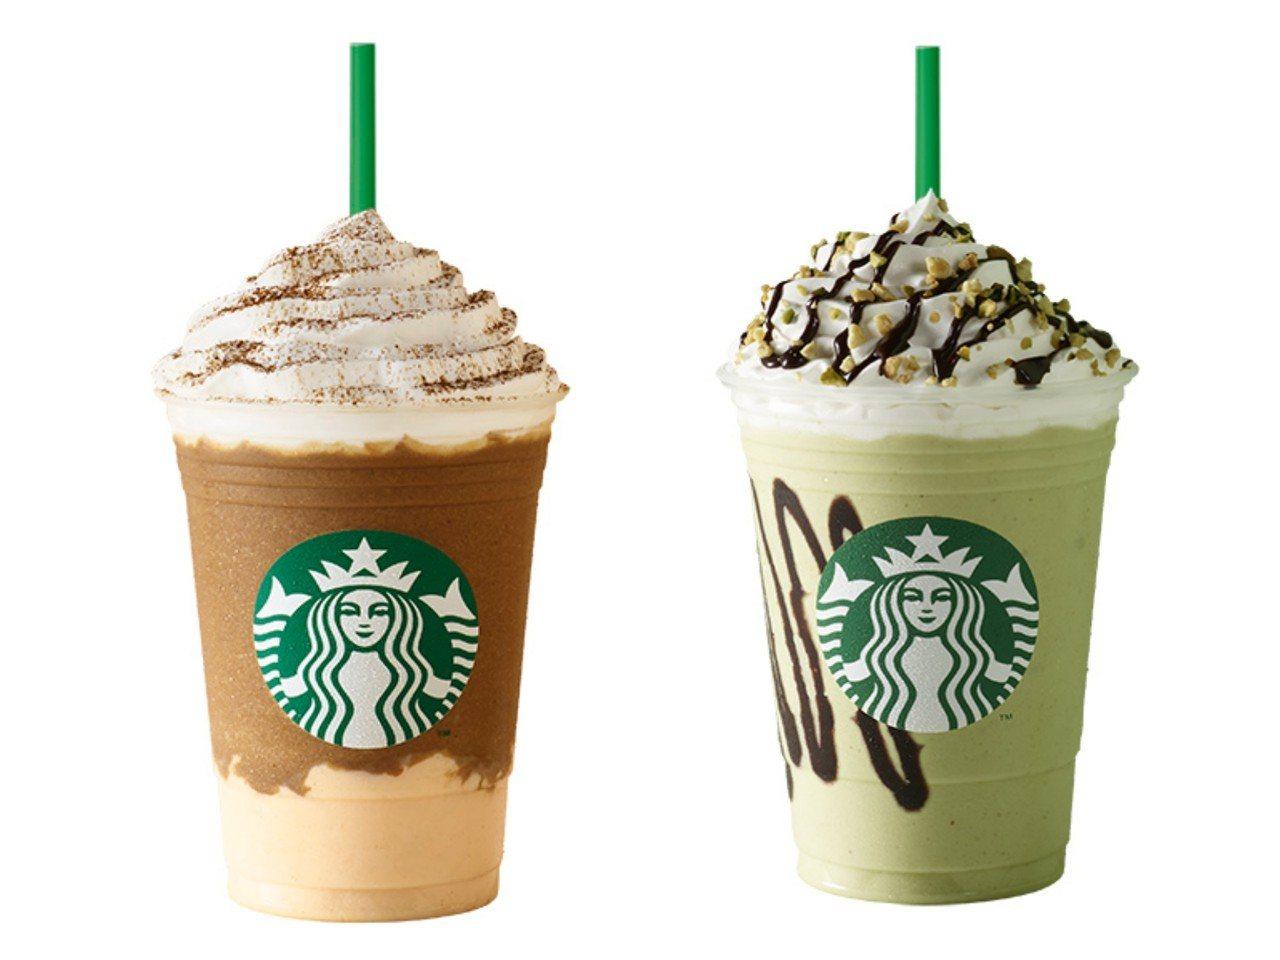 「開心果巧克力星冰樂」、「奶茶義式奶酪星冰樂」6月13日起上市。圖/星巴克提供